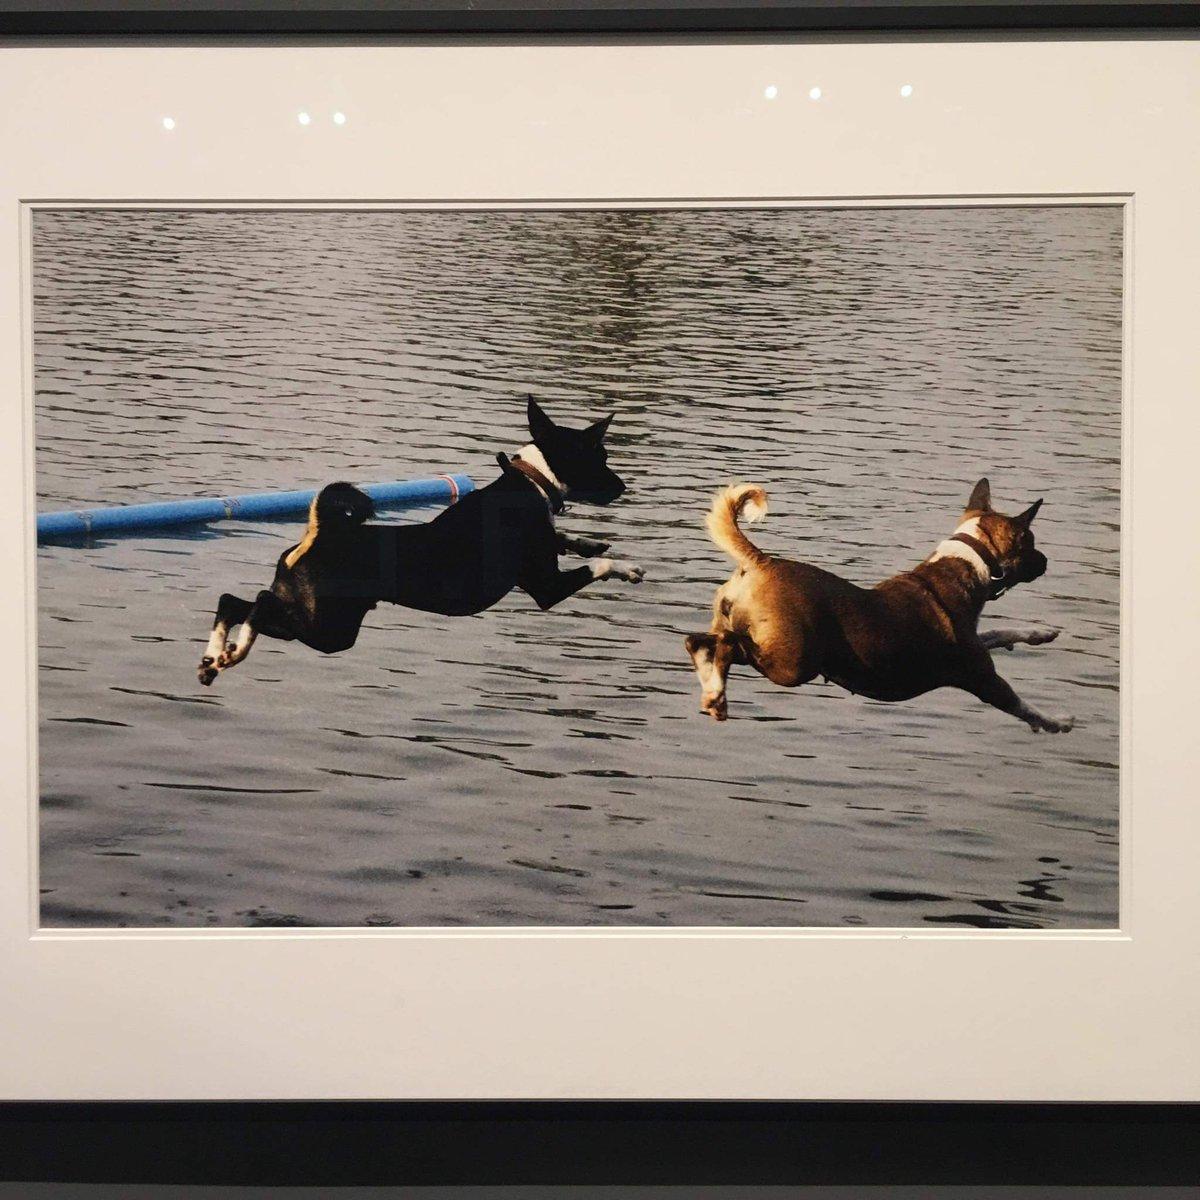 ภาพจากกล้องในหลวง ร.9 ที่หอศิลป์ กรุงเทพฯ ที่มา: เฟสบุ๊คคุณ Wahn Warinthon https://t.co/oJd72KaGbr